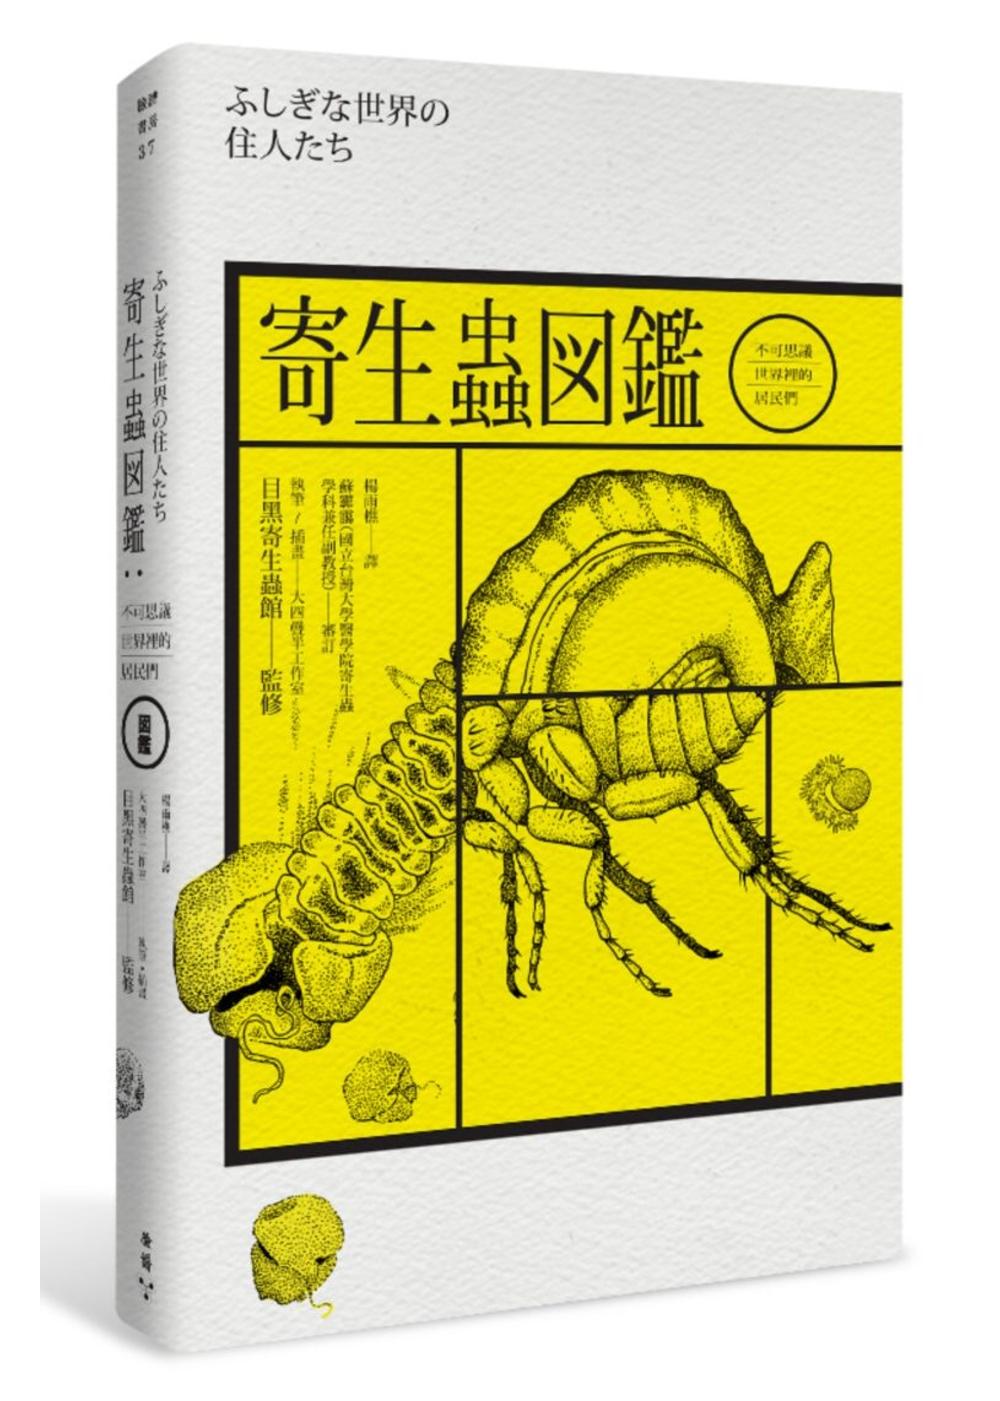 寄生蟲圖鑑:不可思議世界裡的居民們(隨書附贈―台灣版限定寄生蟲圖鑑典藏海報)